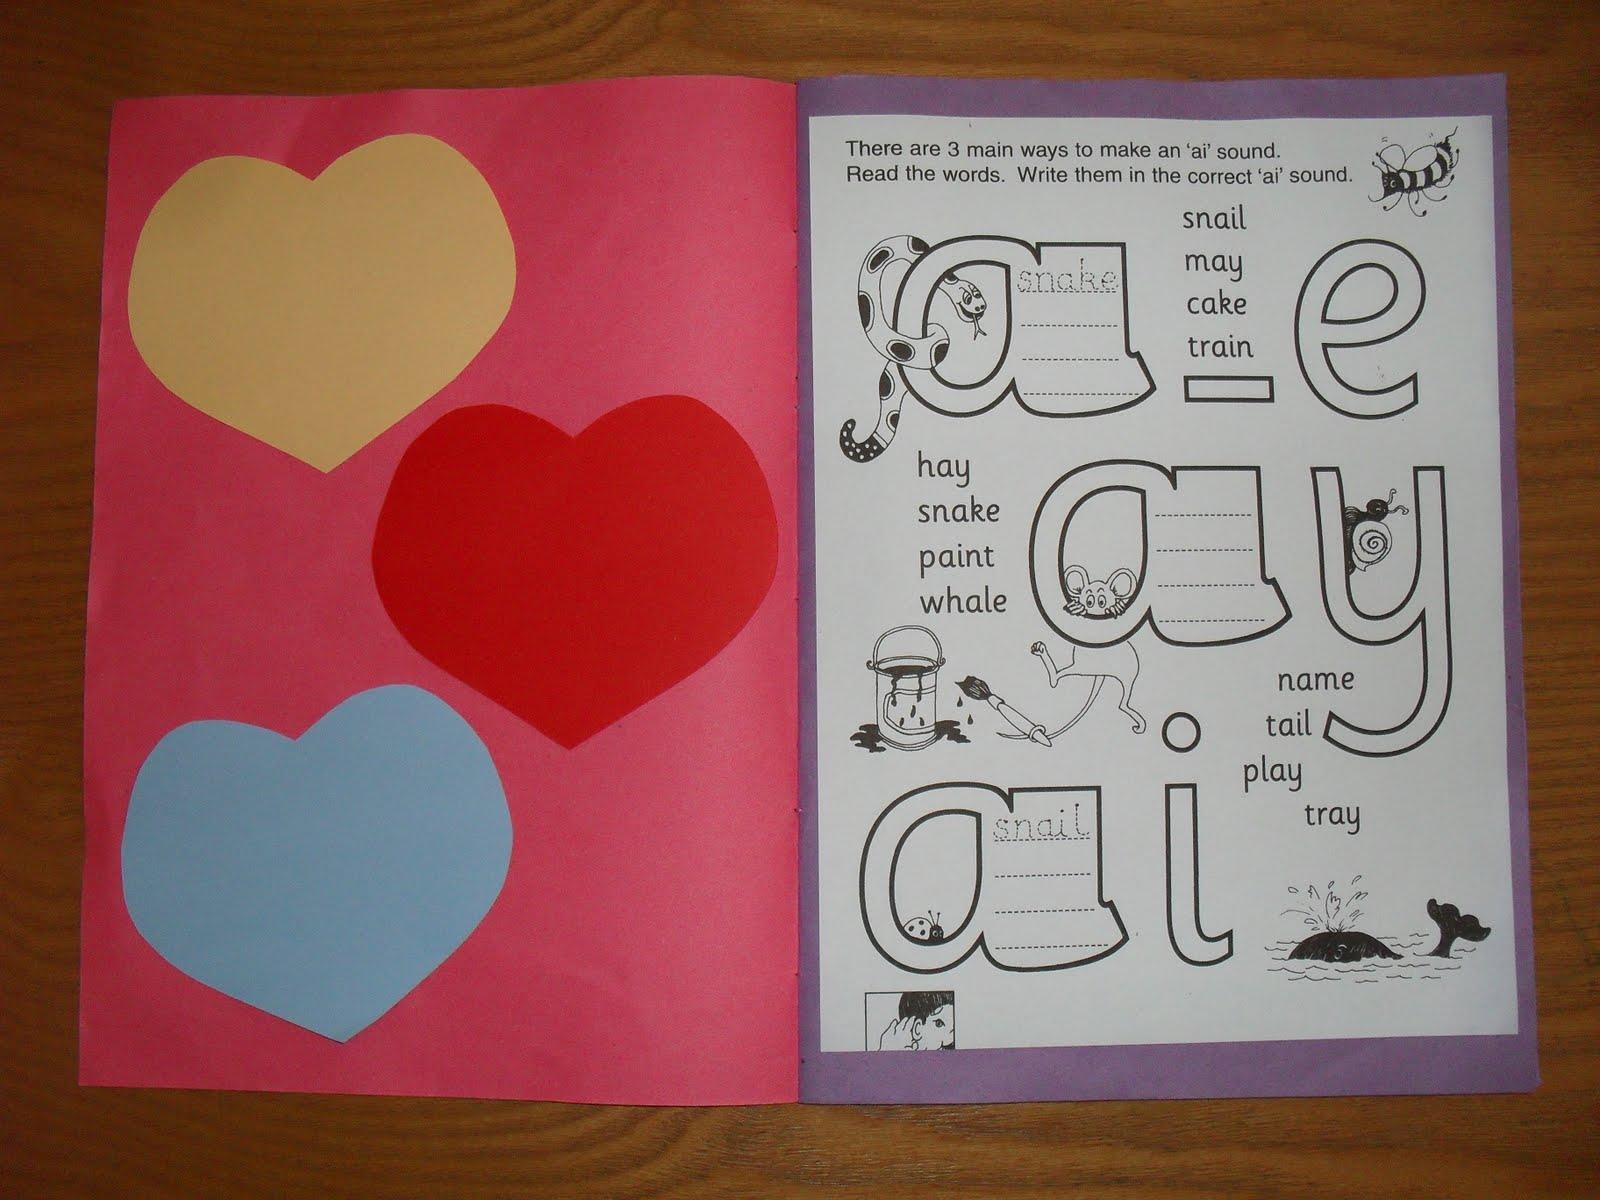 A Muslim Homeschool Jolly Phonics Alternative Spellings Of Vowels